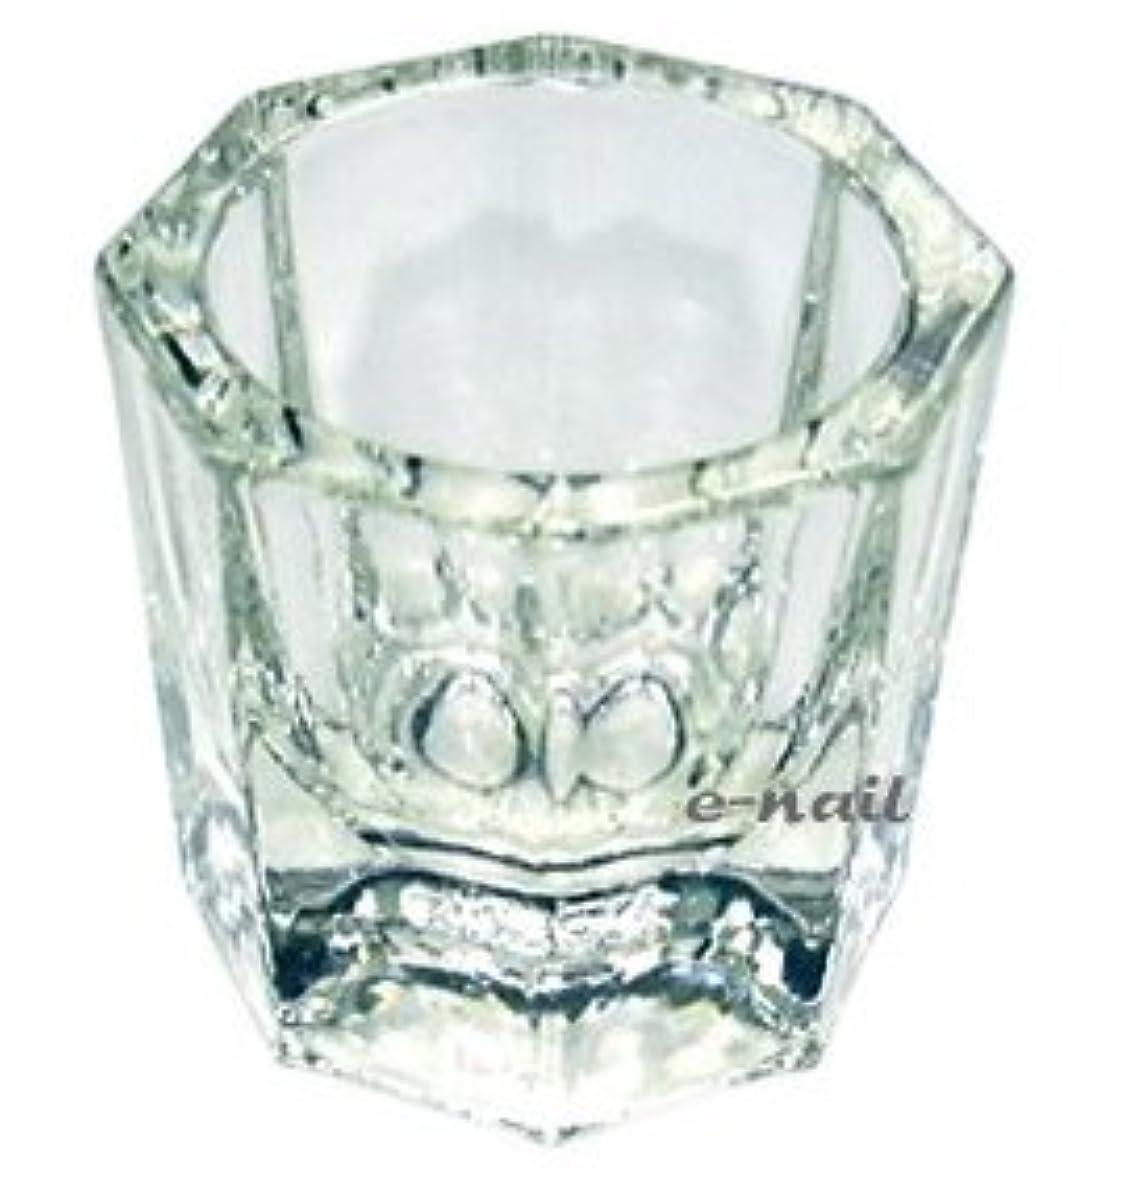 アルコーブ関係ない重荷スモールグラス ダッペンディッシュ クリア